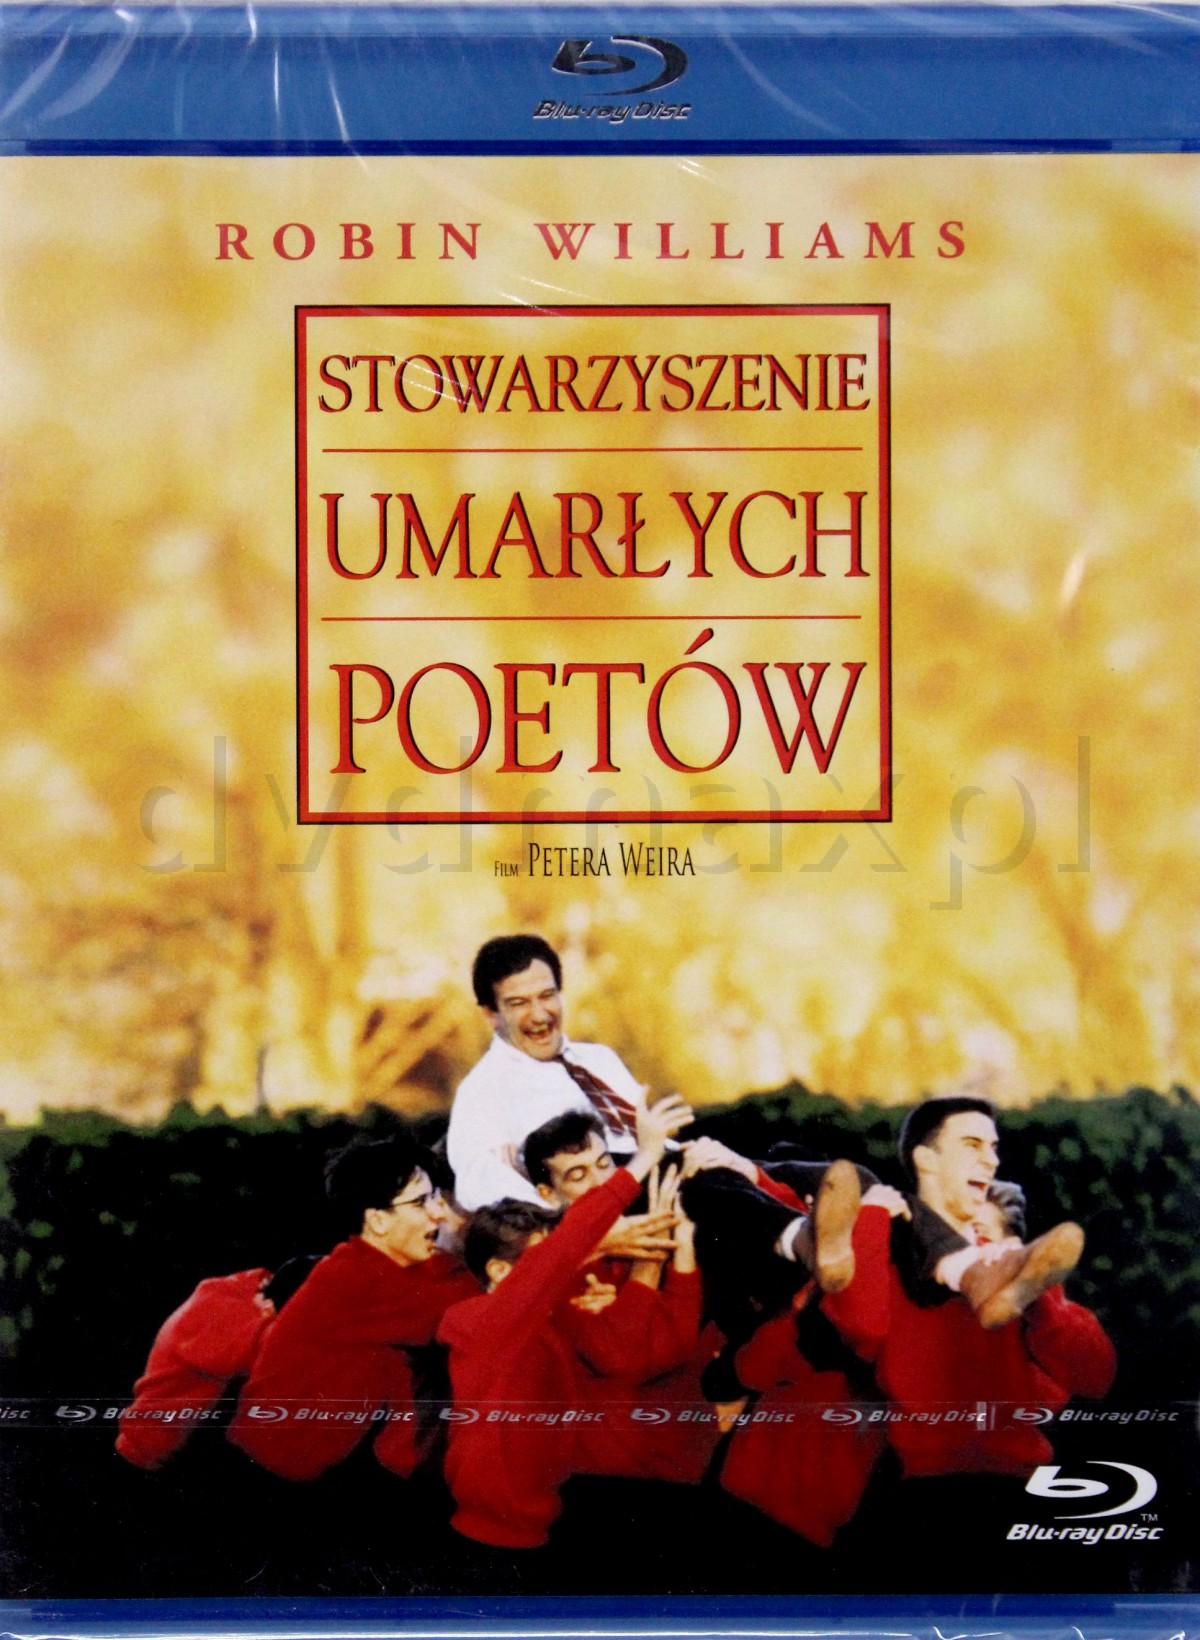 Stowarzyszenie umarłych poetów (Disney) [Blu-Ray]